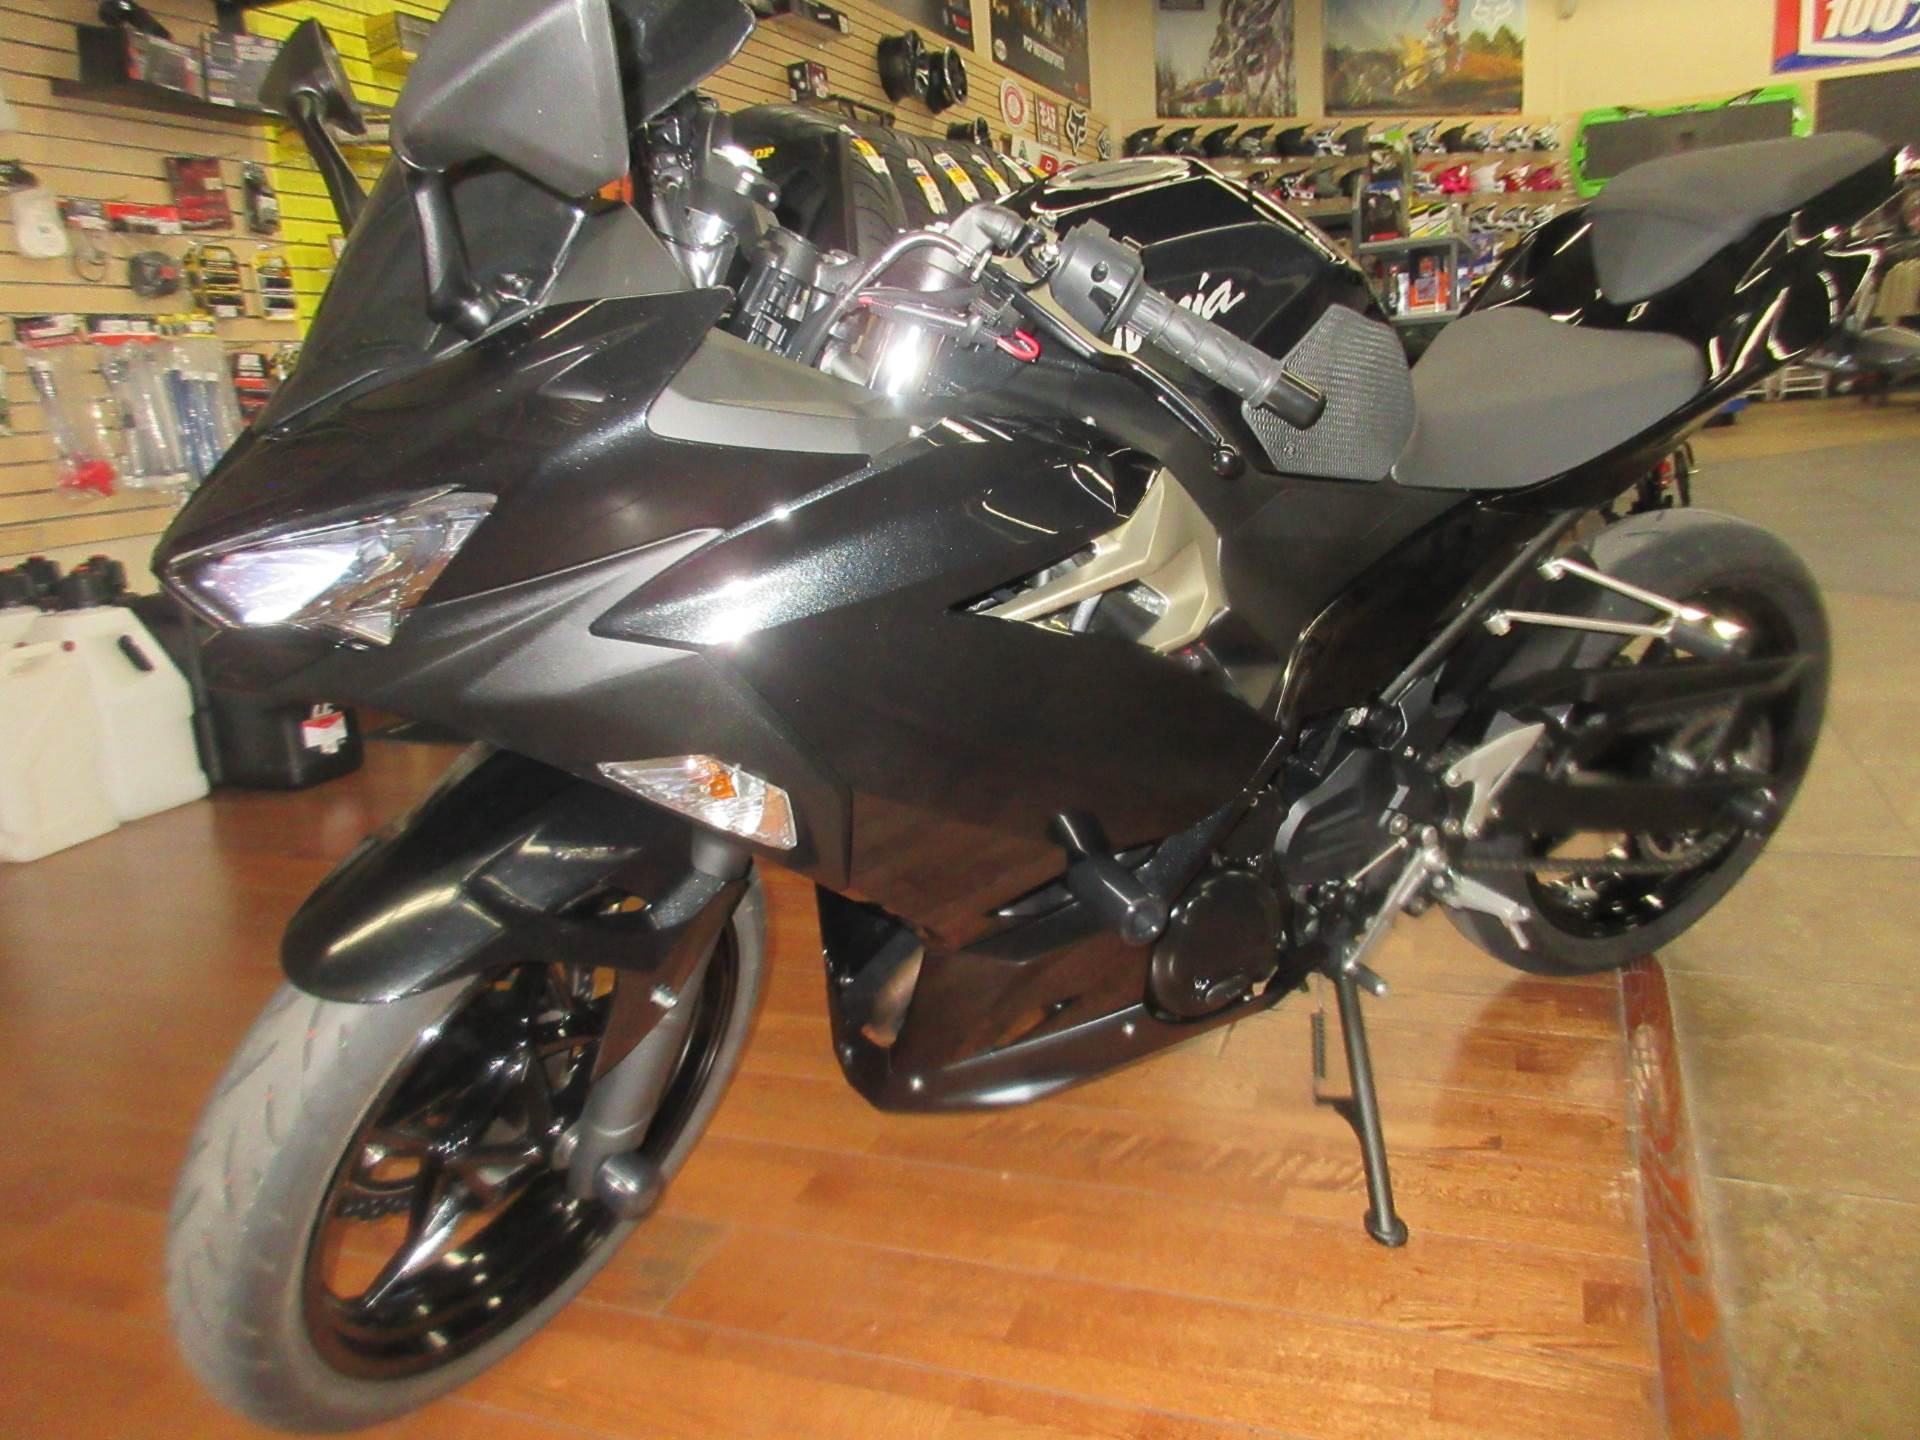 2018 Kawasaki Ninja 400 ABS for sale 265407